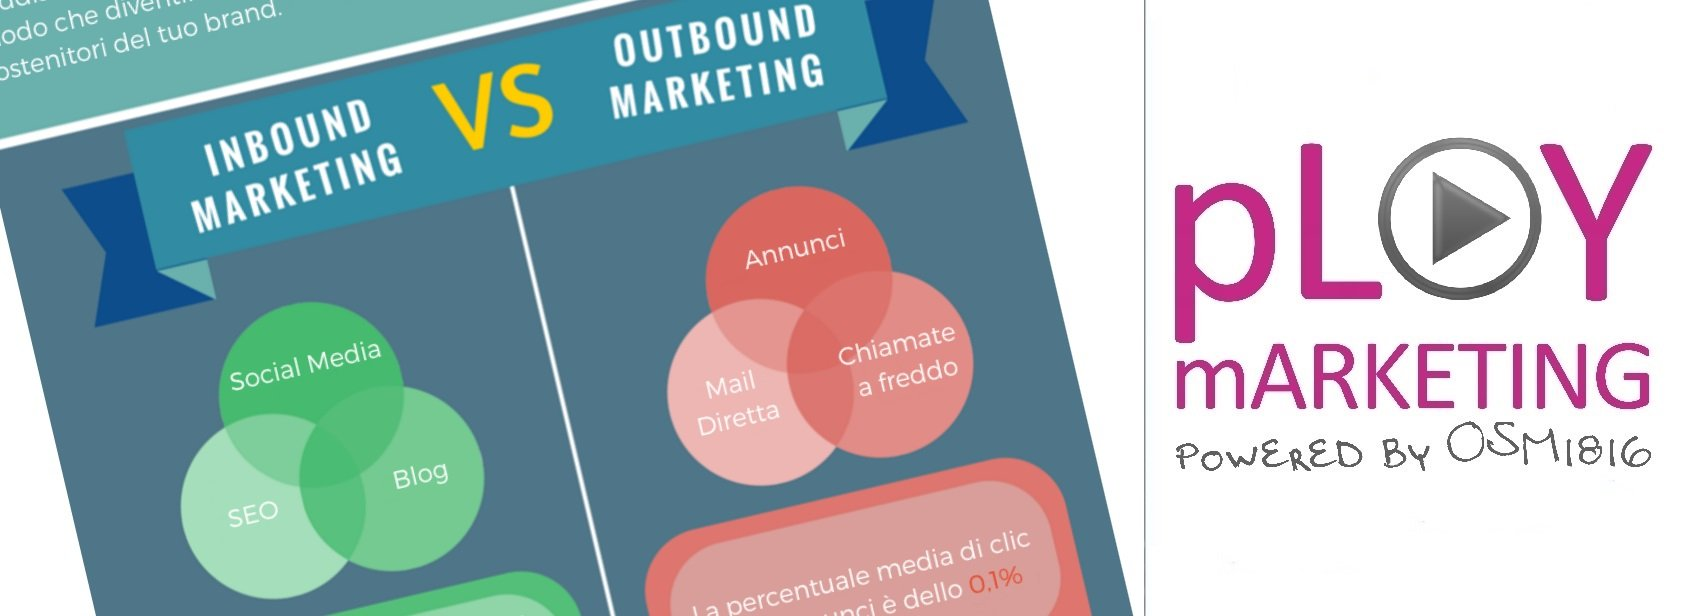 Infografica: Come funziona l'Inbound Marketing?